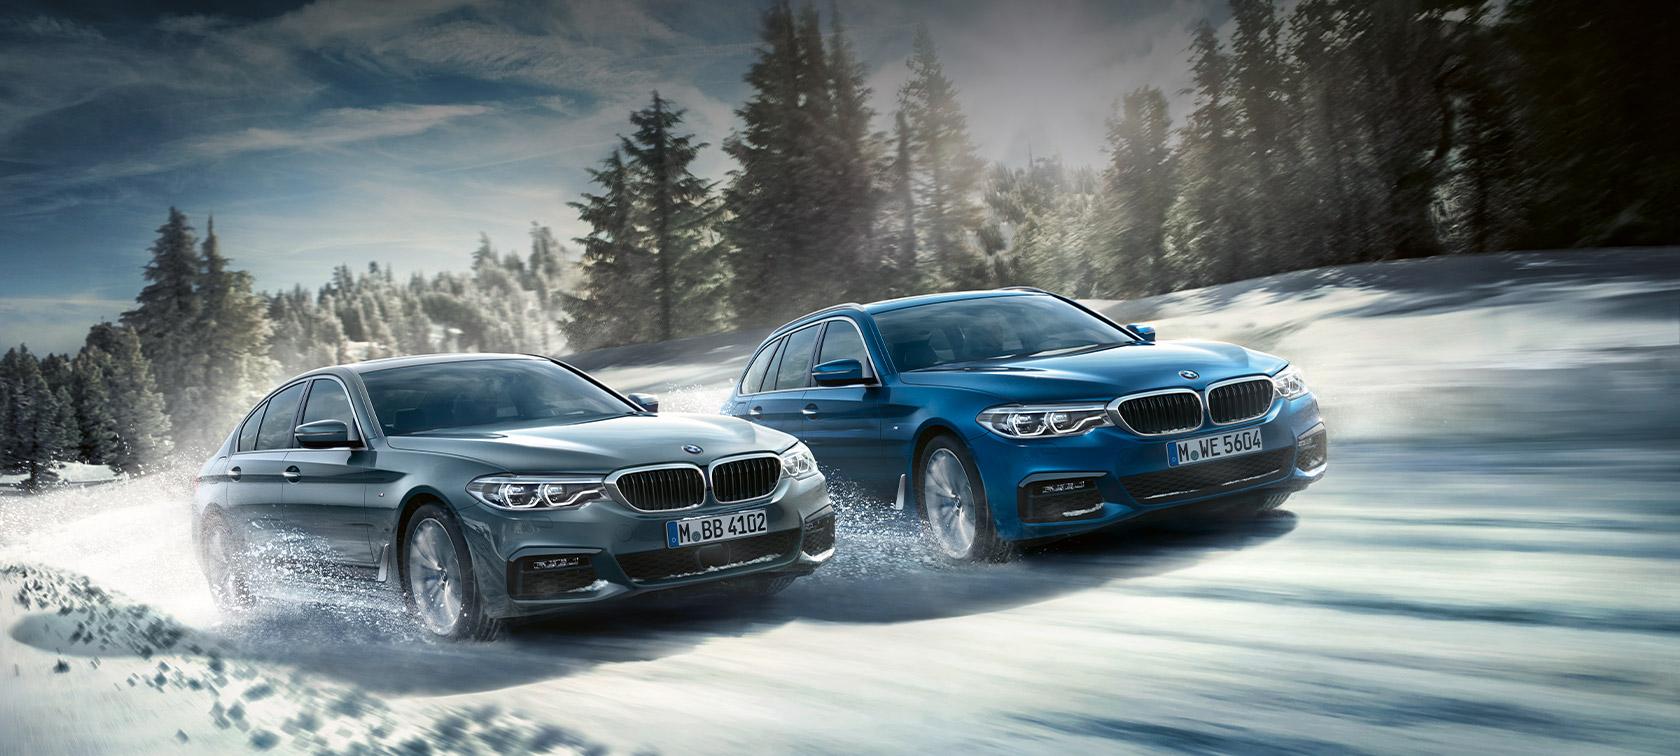 The 5 DIE BMW 5er MODELLE ZU ATTRAKTIVEN KONDITIONEN. EINLADUNG ZUM JAHRESSTART AM 11. JANUAR 2020.